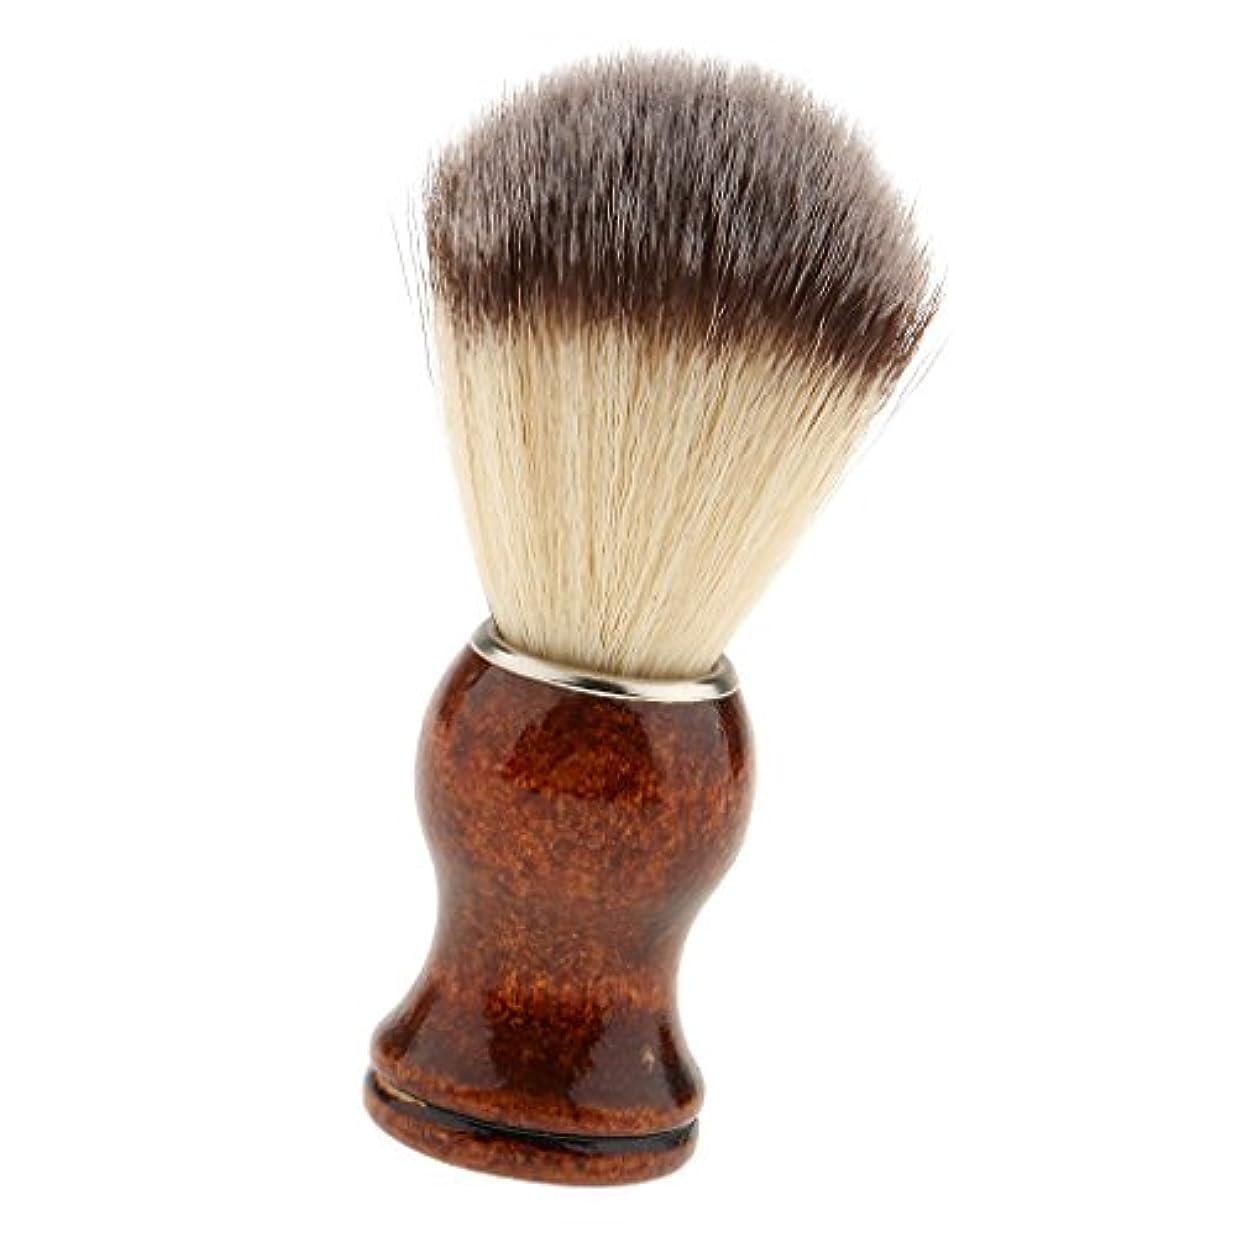 兄弟愛水銀の革命的Fenteer サロン ひげブラシ シェービングブラシ メンズ用 ナイロン  理髪用  快適 首/顔 散髪整理 泡たてやすい